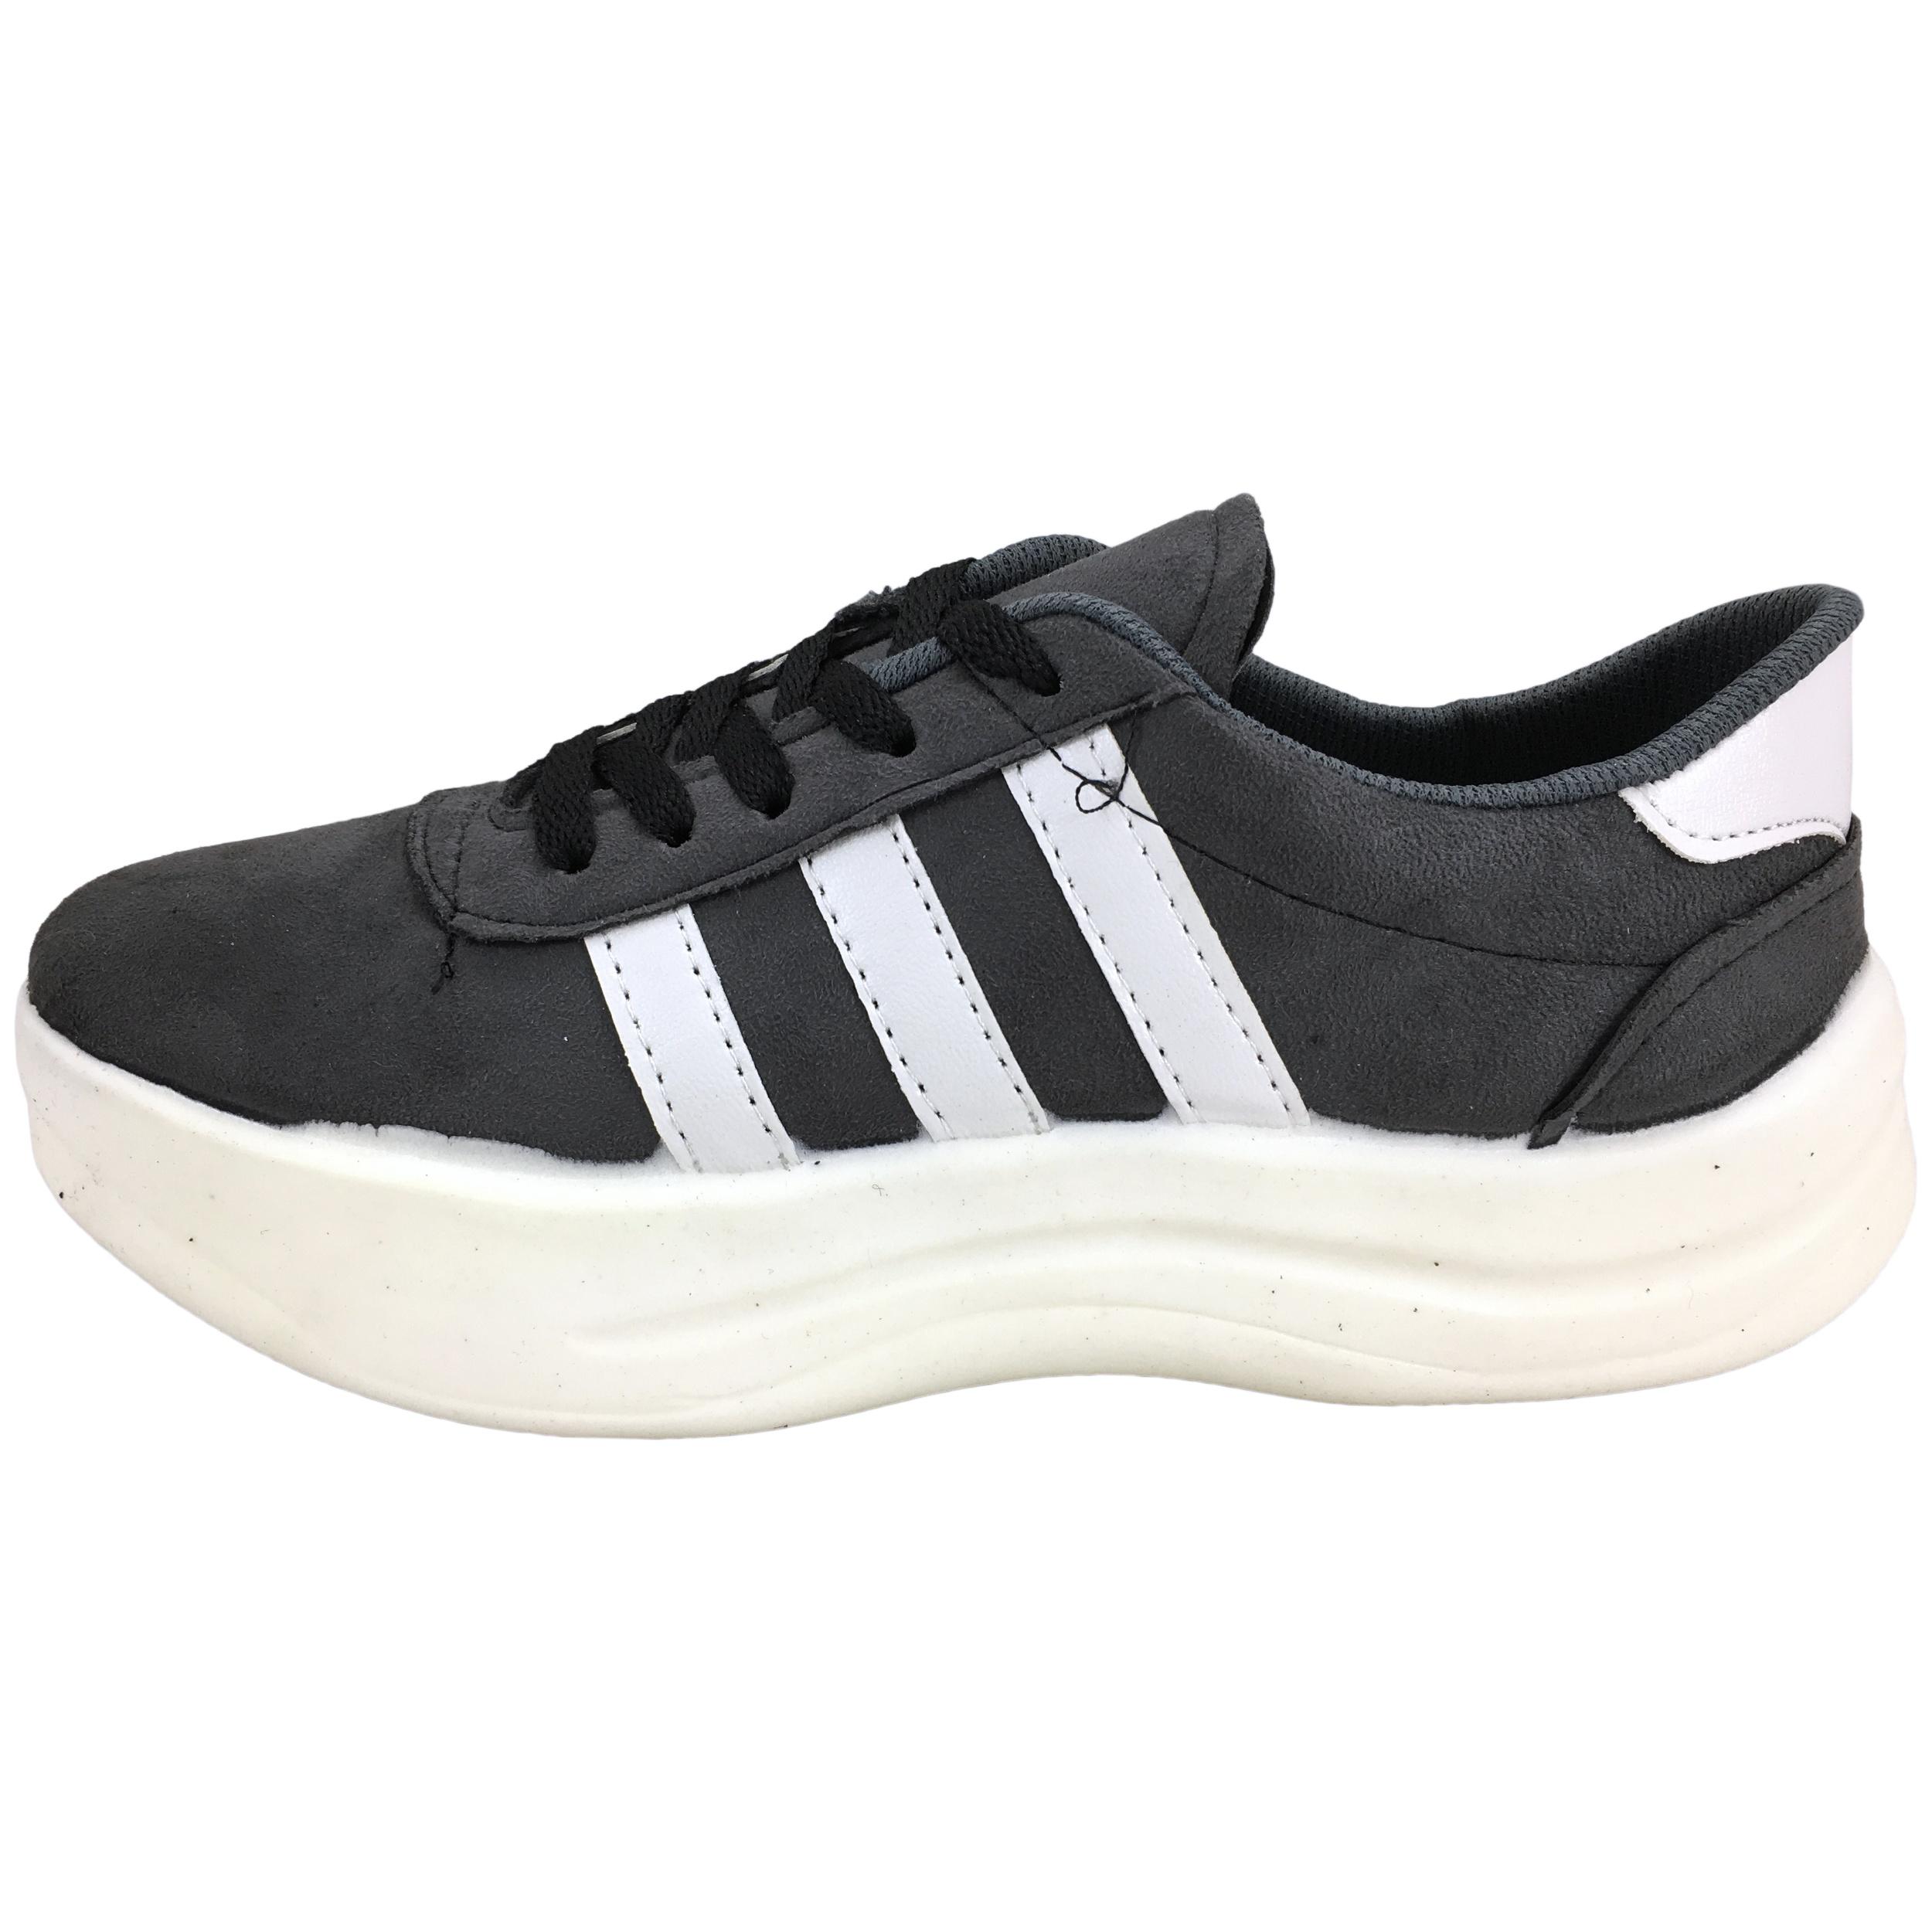 کفش مخصوص پیاده روی مردانه مدل اسپورتکس کد A146